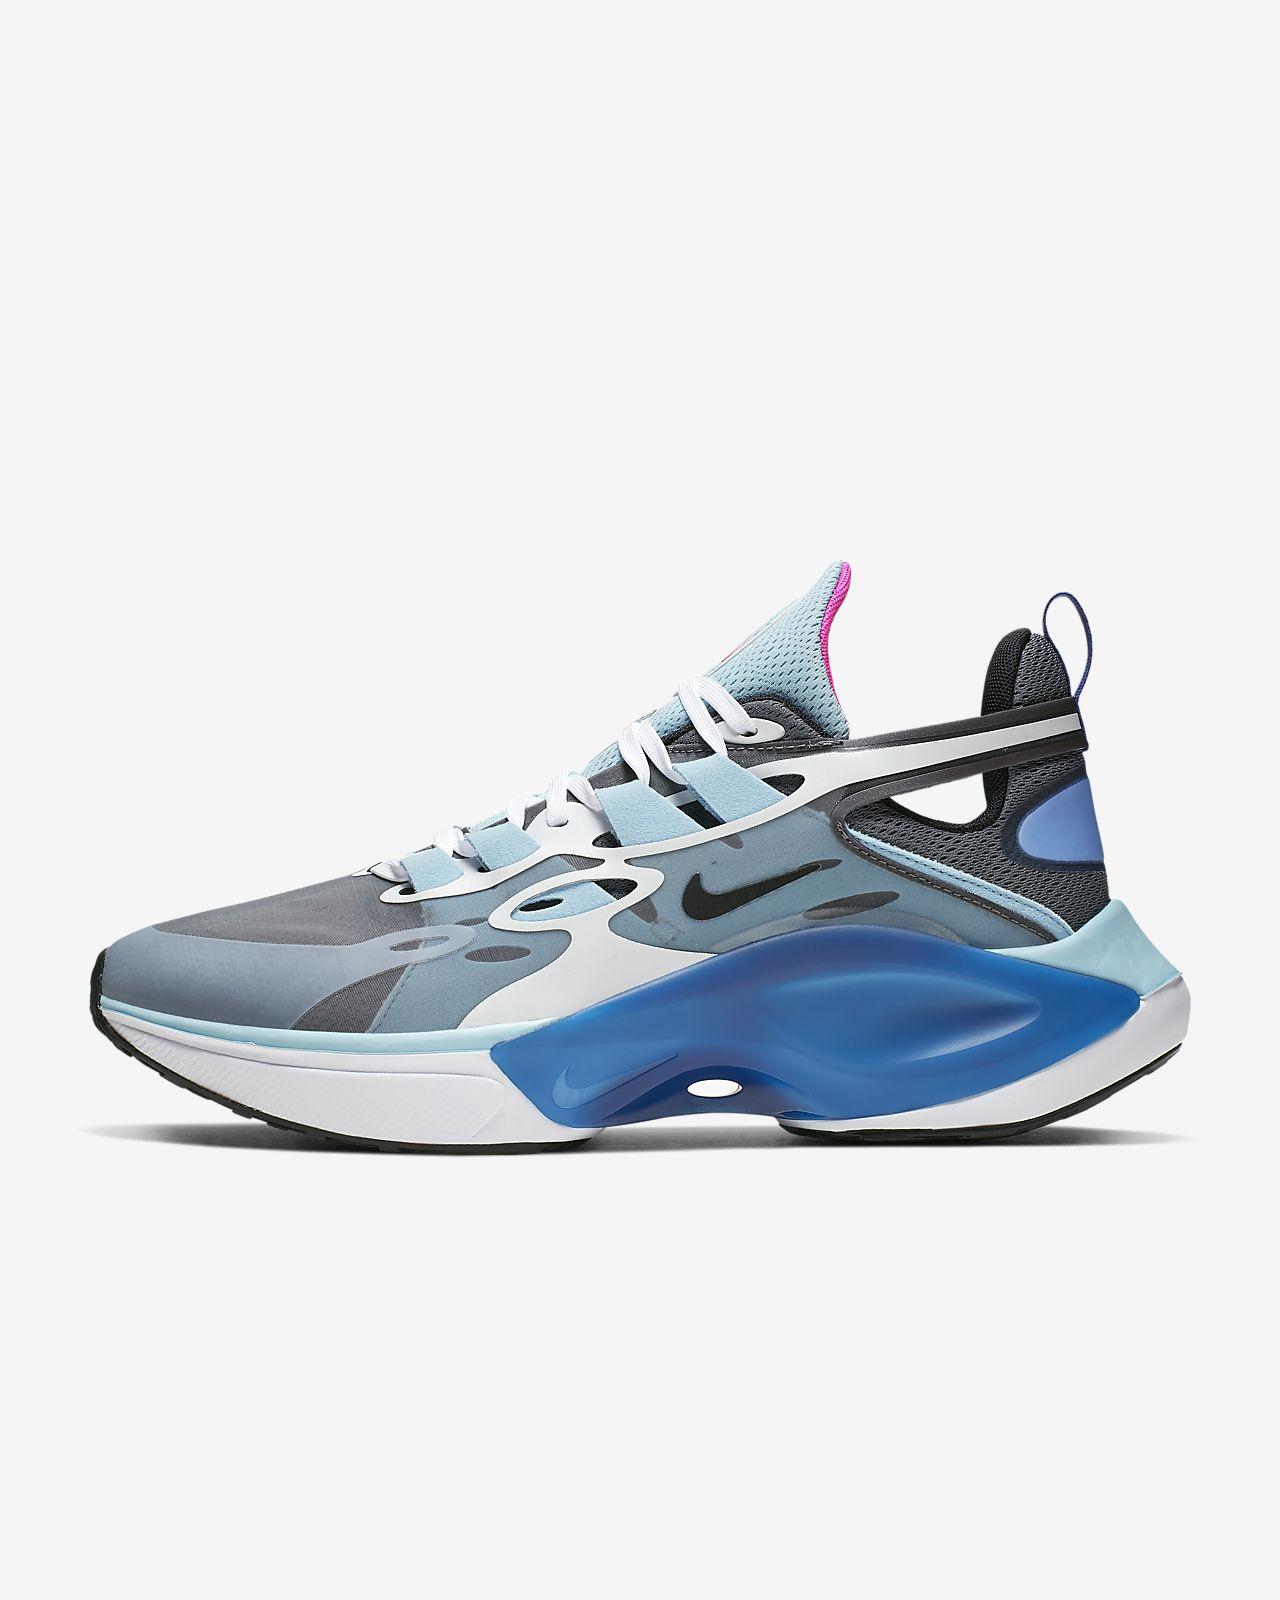 Nike Signal D/MS/X Shoe